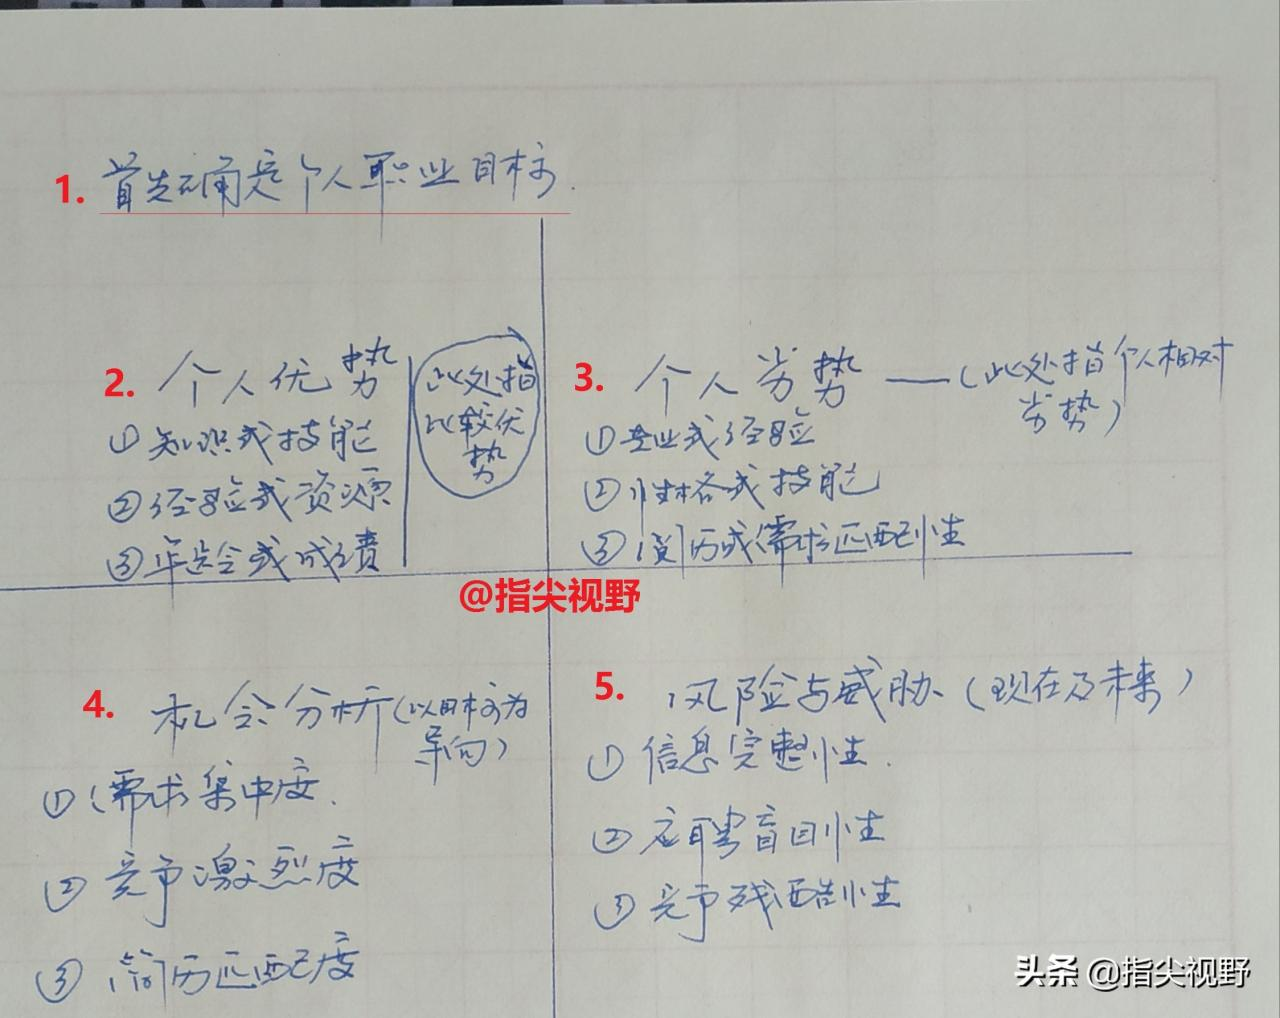 重庆KTV酒吧求职到入职,这几个问题需要注意